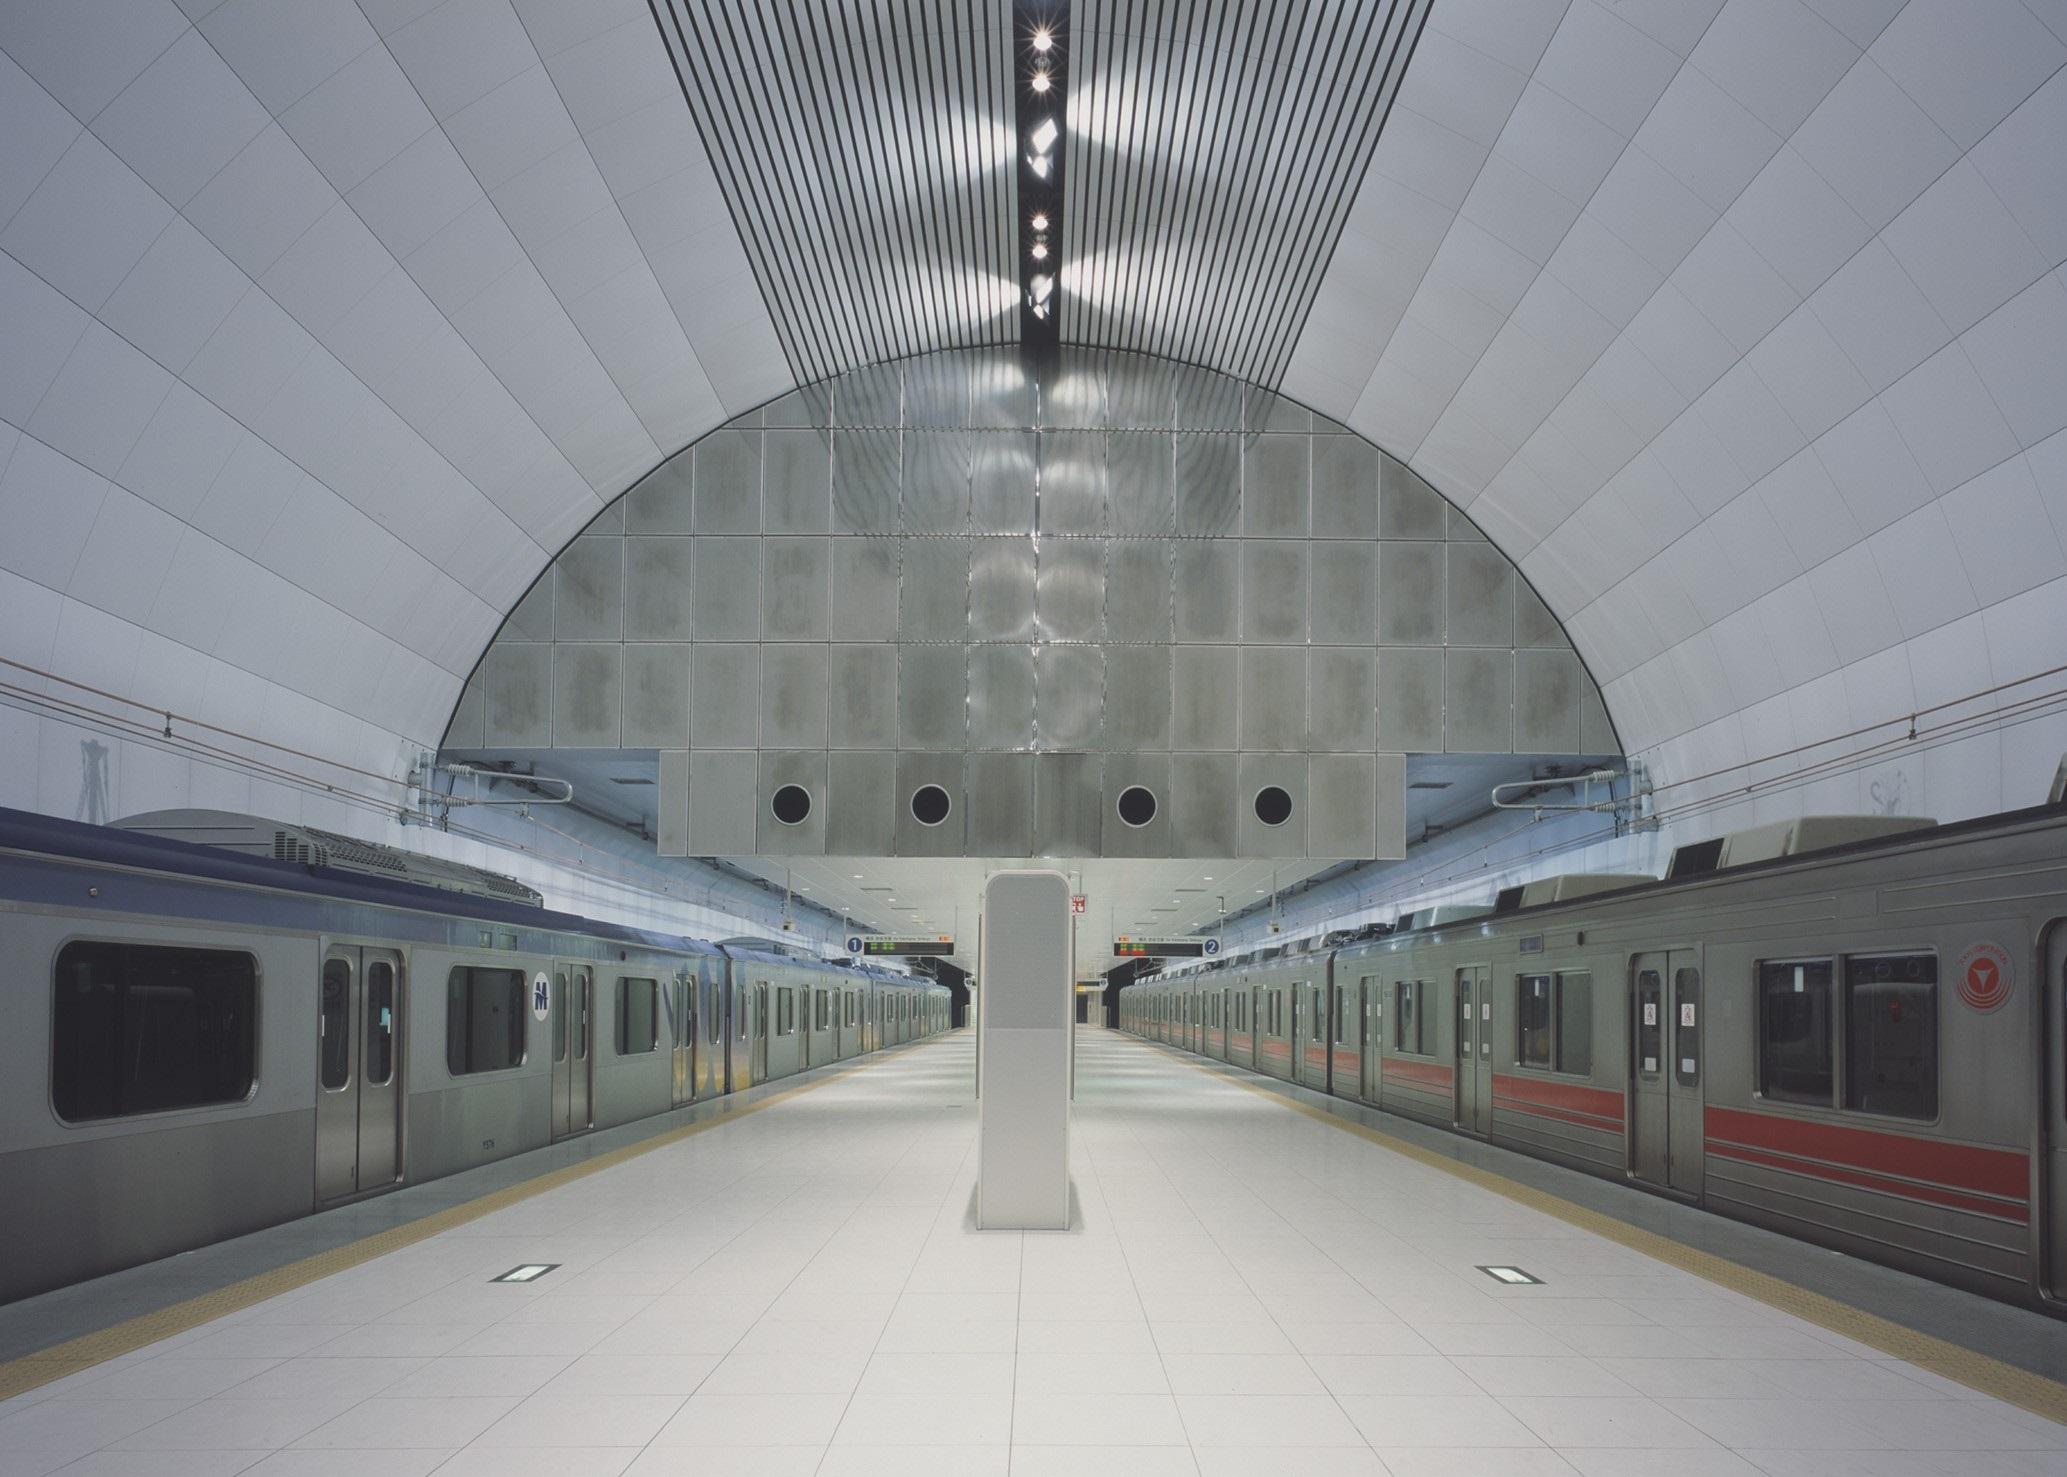 【金融】鉄道・運輸機構のグリーンボンド、環境省の発行モデル事例第1号に採択 1